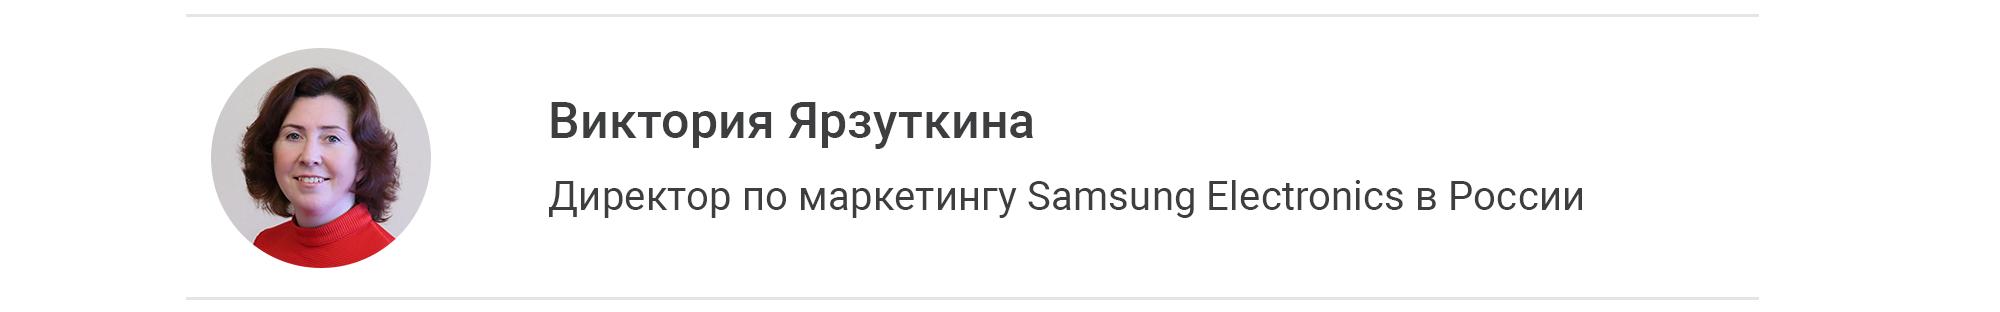 Виктория Ярзуткина.png